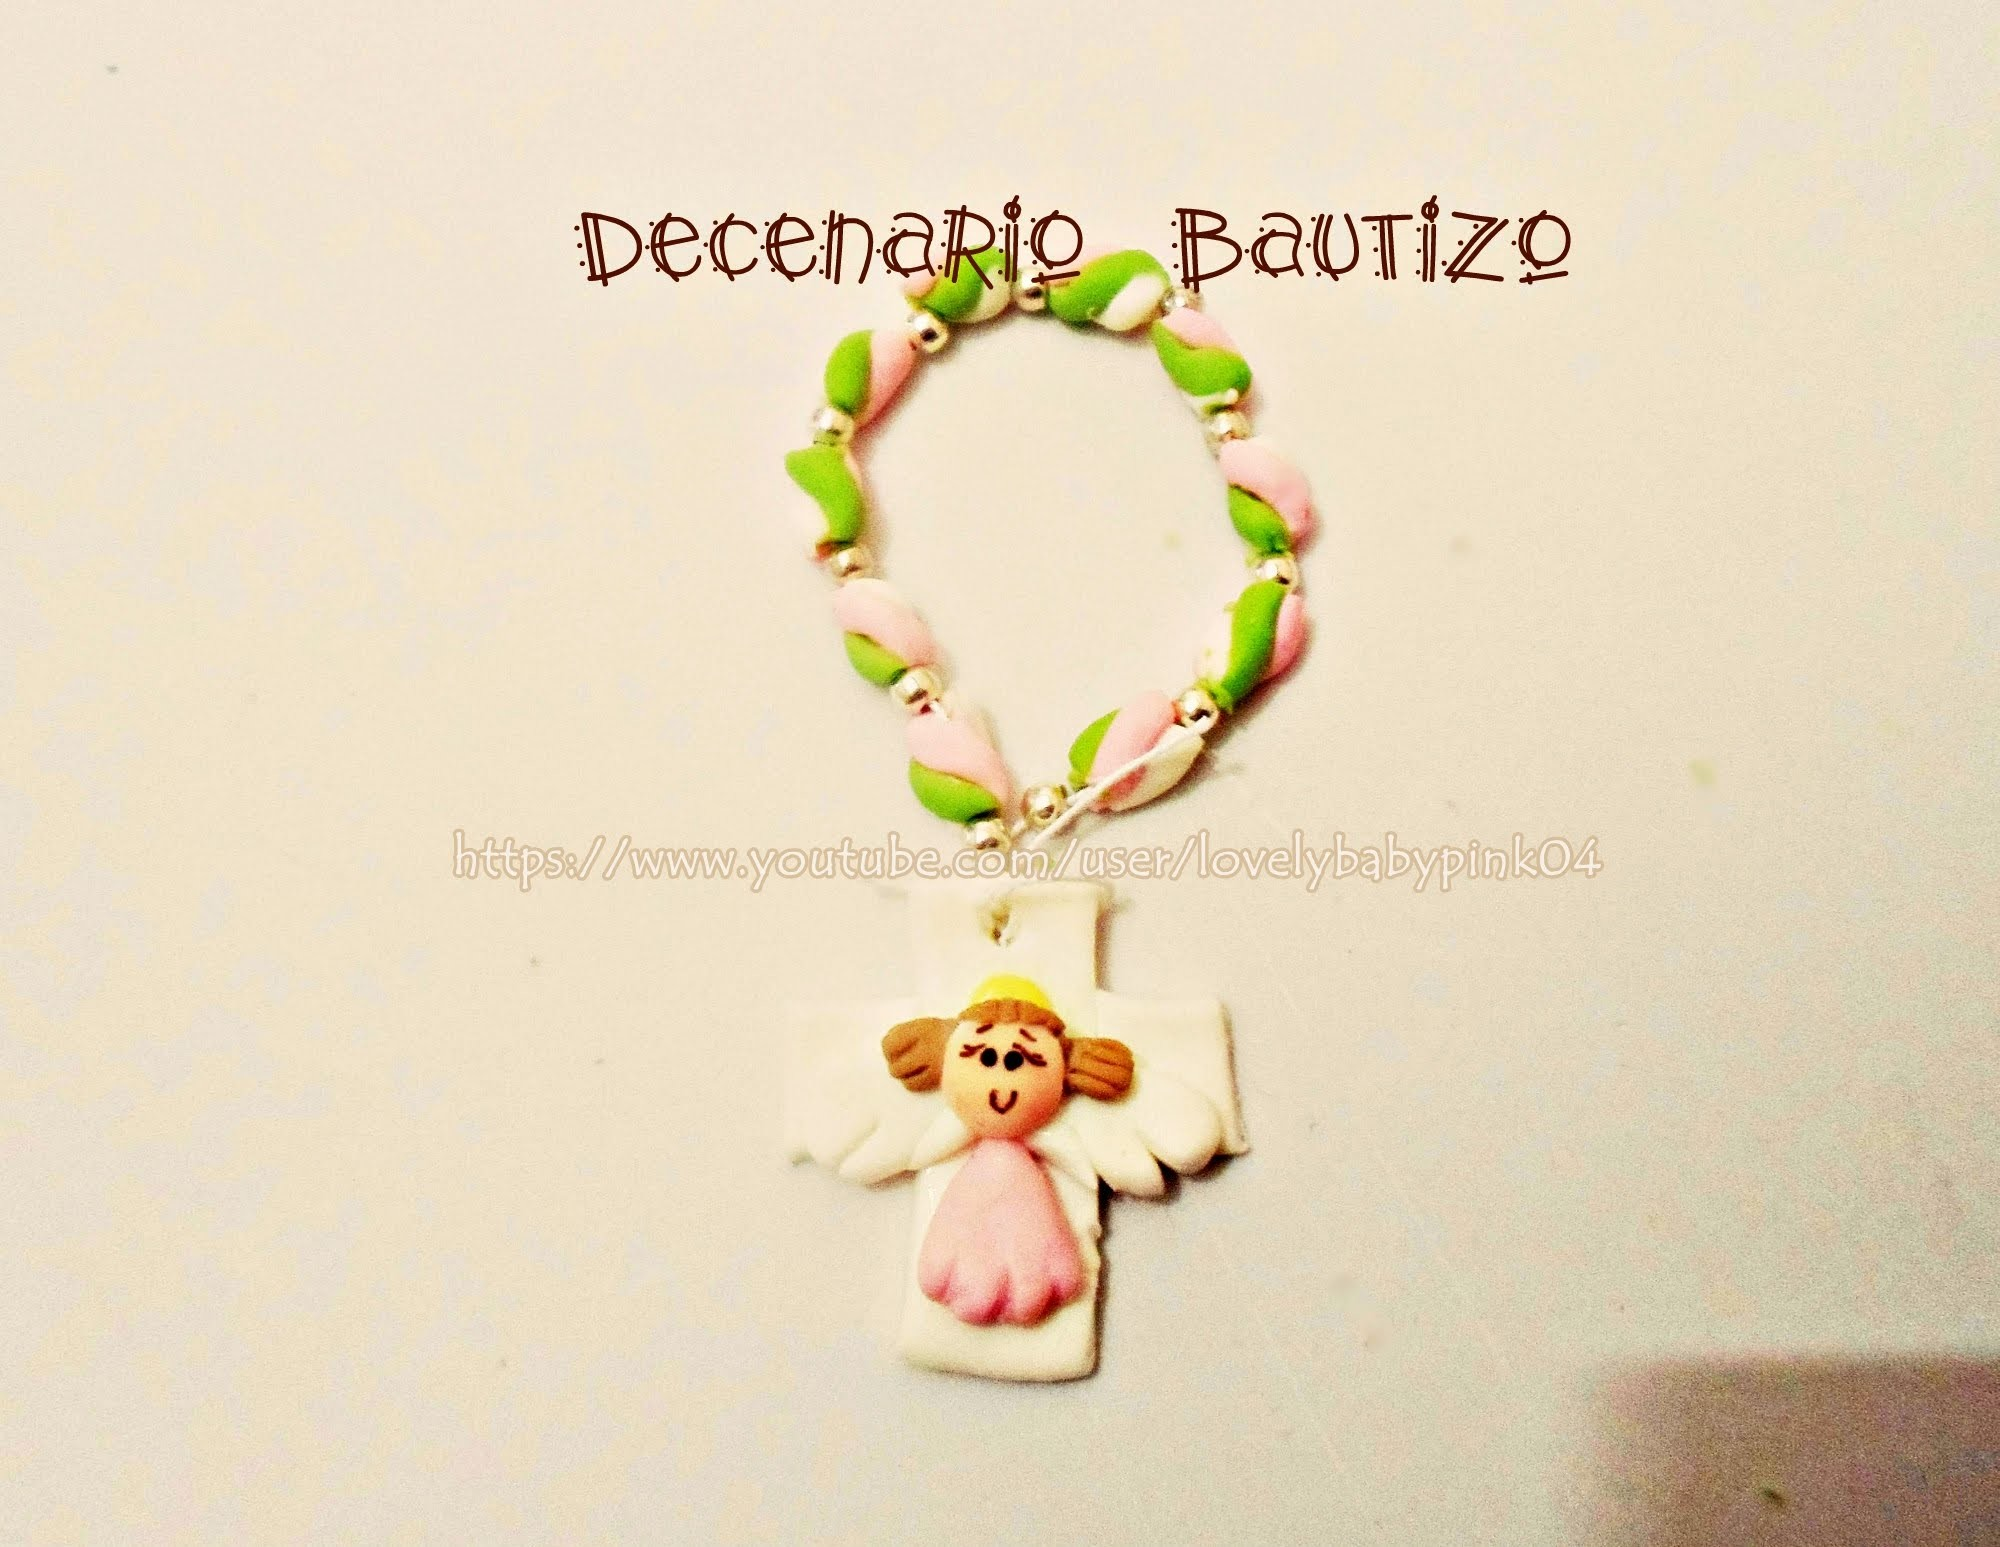 Recuerdo Bautizo Decenario Facil!! - Tutorial Easy Rosary